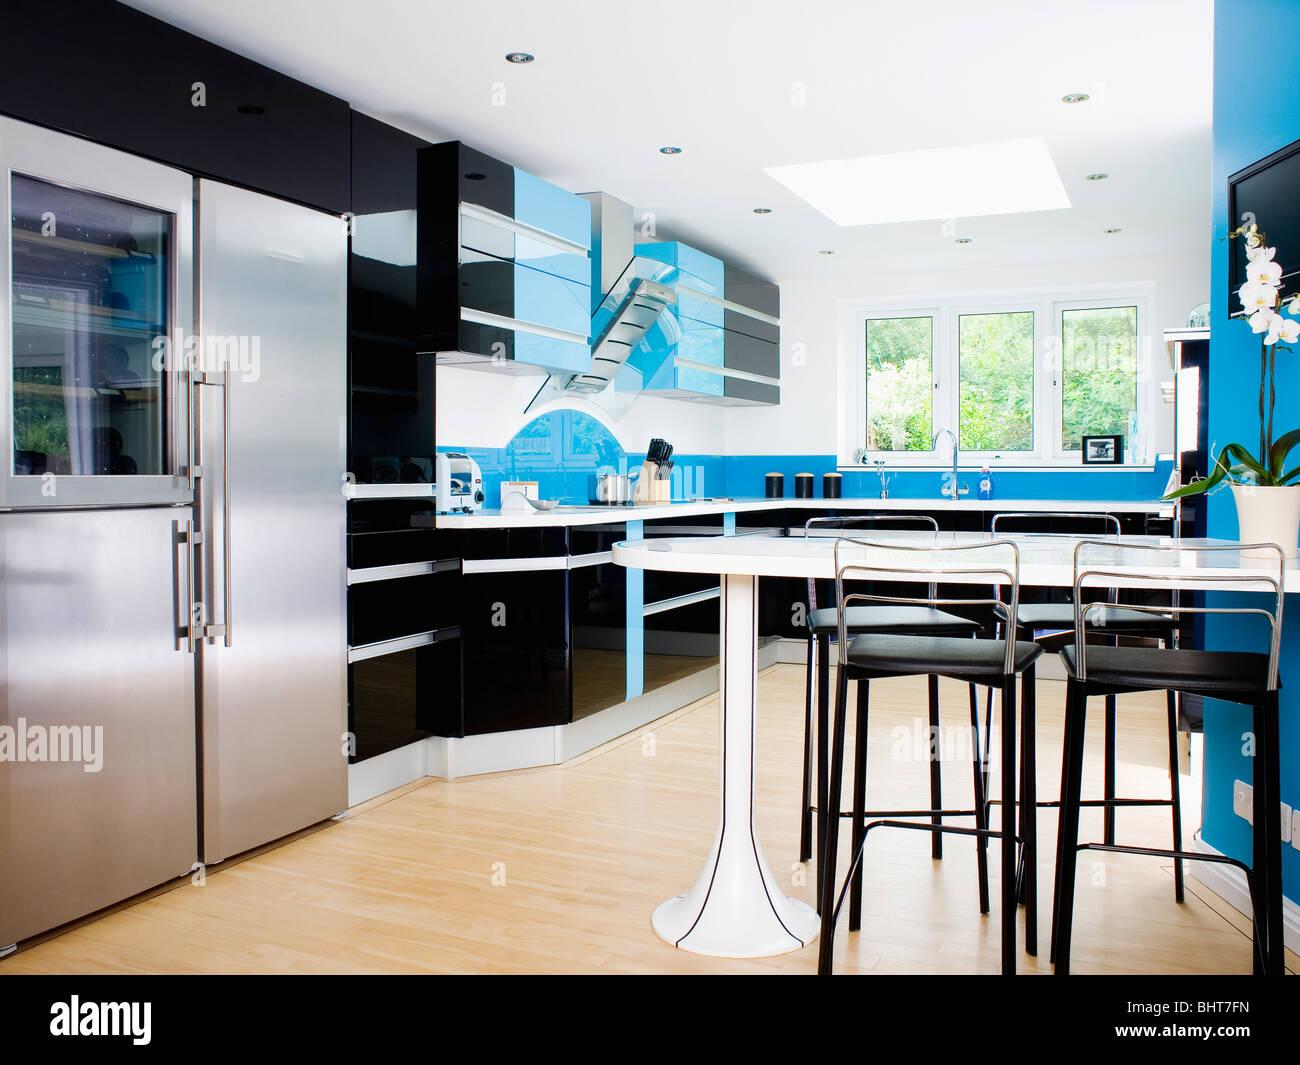 Amerikanischer Kühlschrank Blau : Schwarz hocker an montierten weißen tisch in blau und schwarz